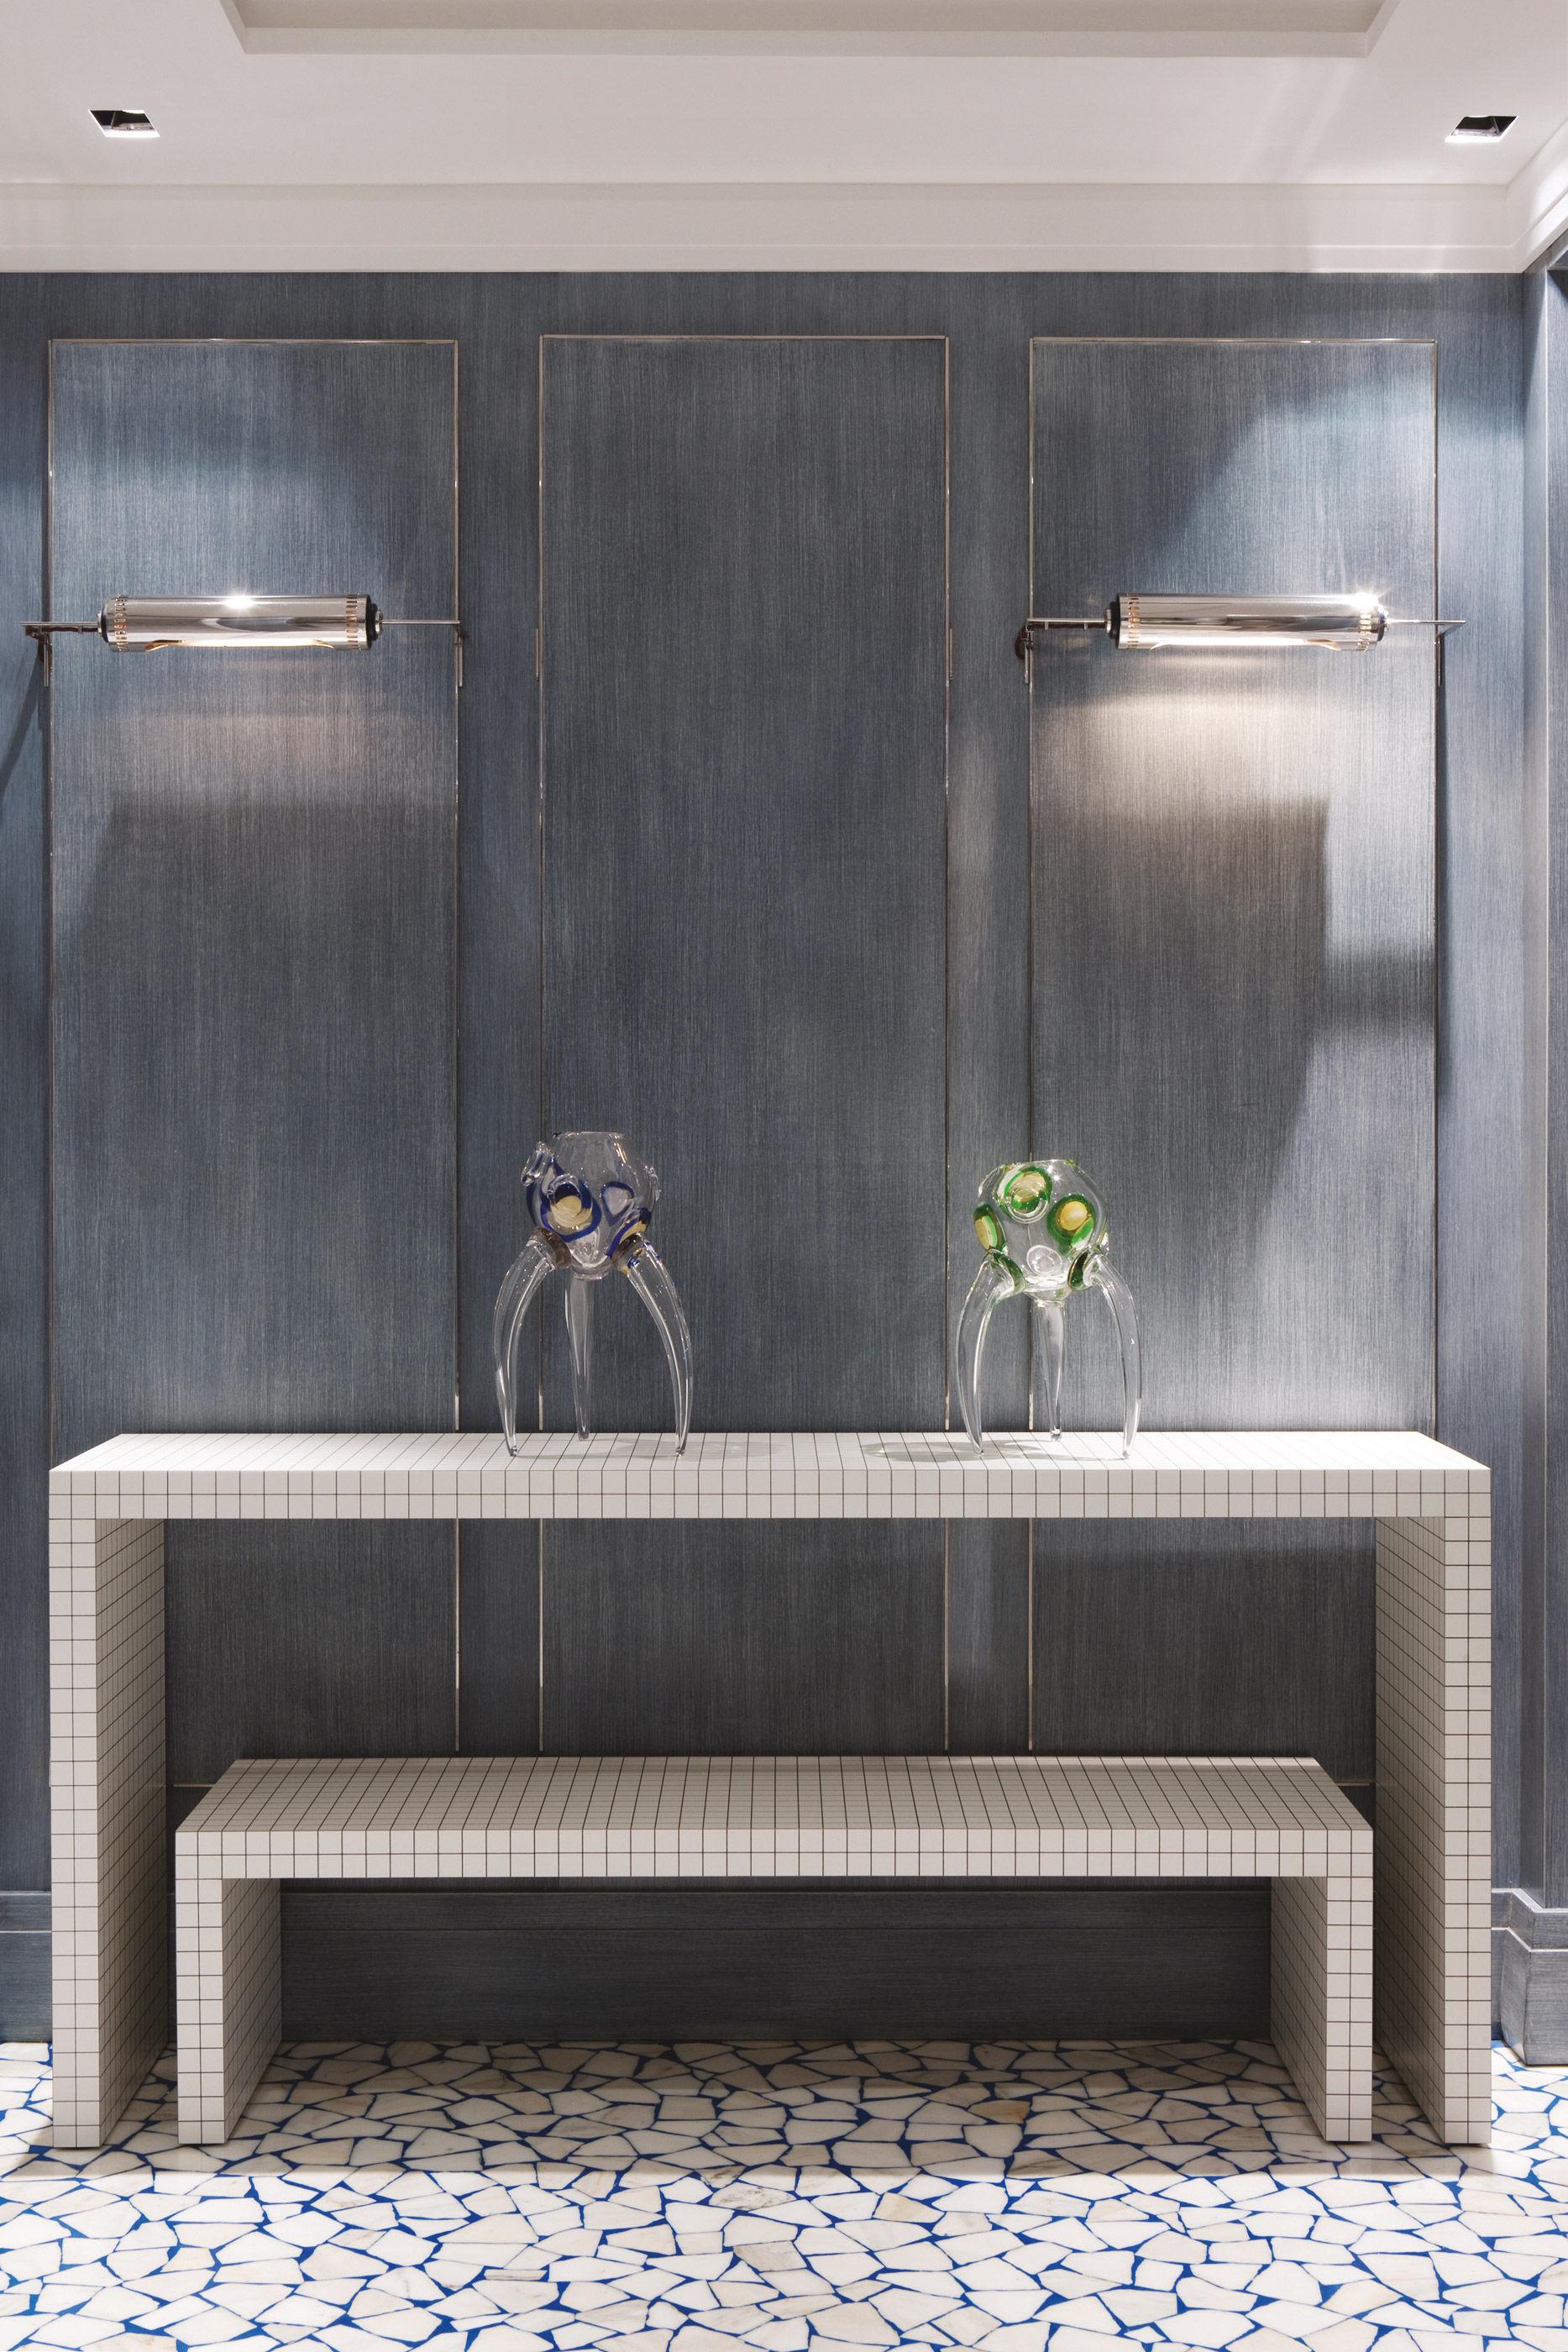 Möbel - Konsole - Quaderna Konsole - Zanotta - Weiß / schwarz - Hohlplatte, laminiertes Plastik